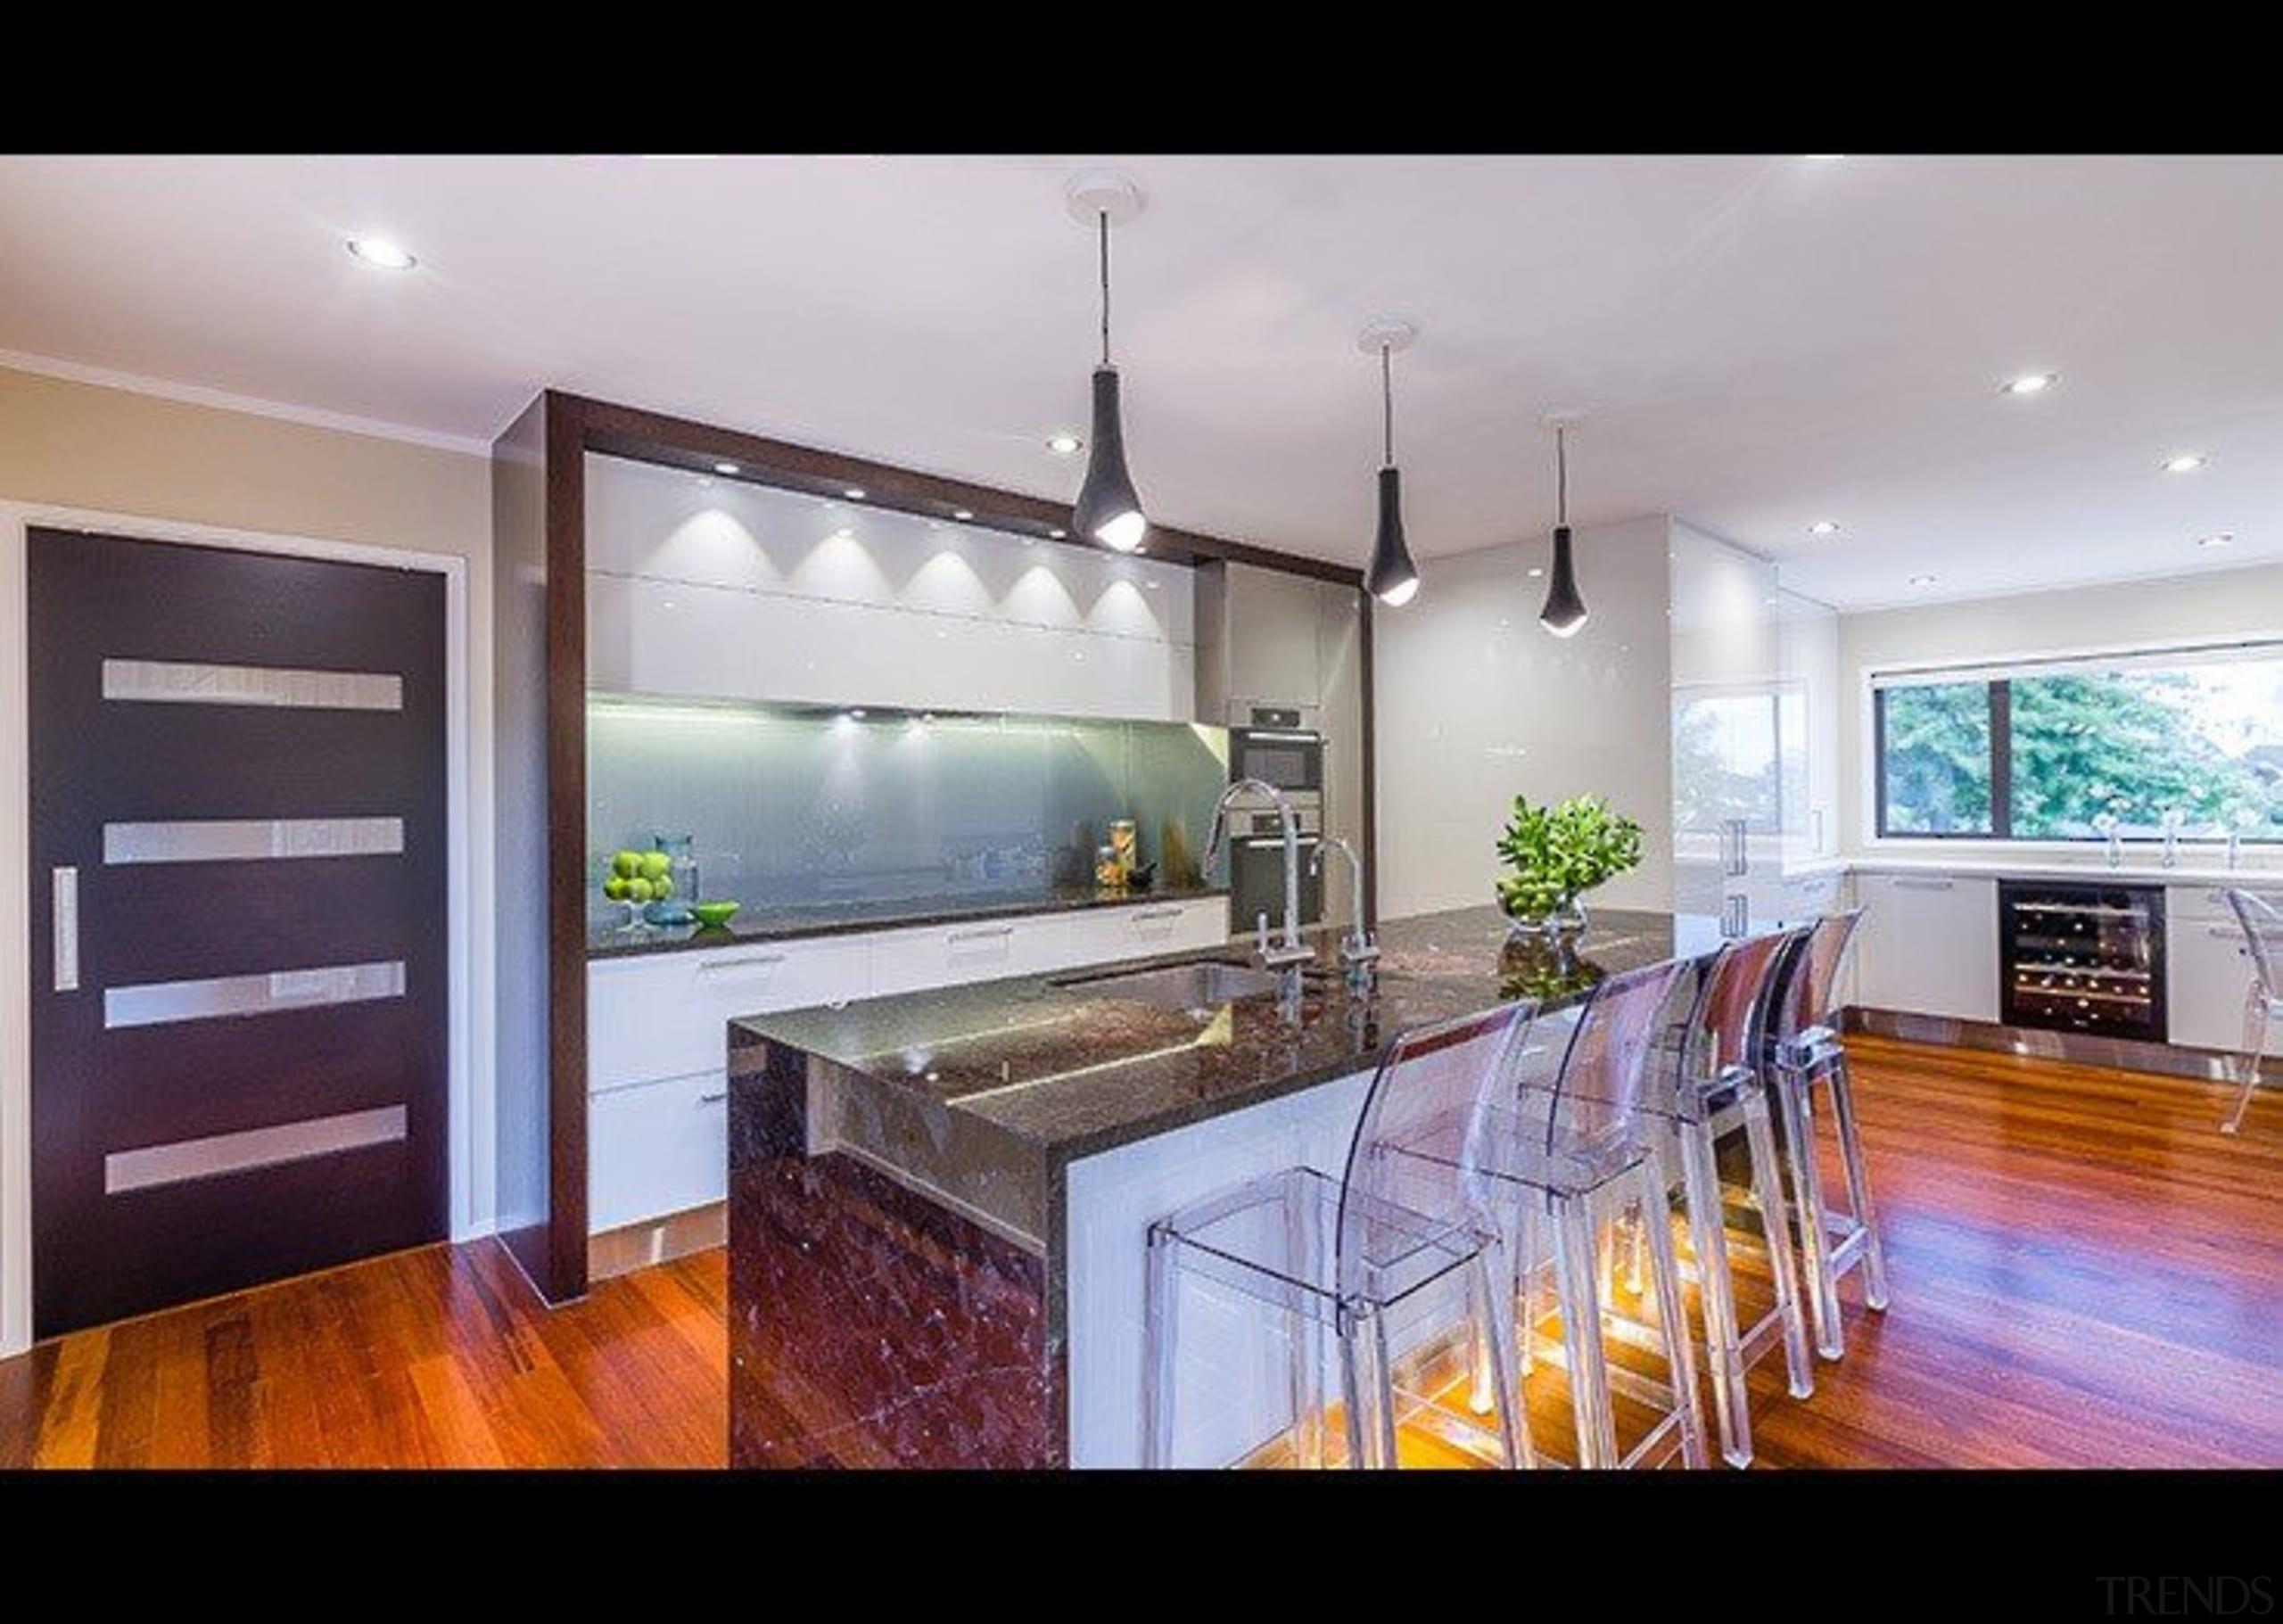 Open plan - countertop   estate   home countertop, estate, home, interior design, kitchen, property, real estate, gray